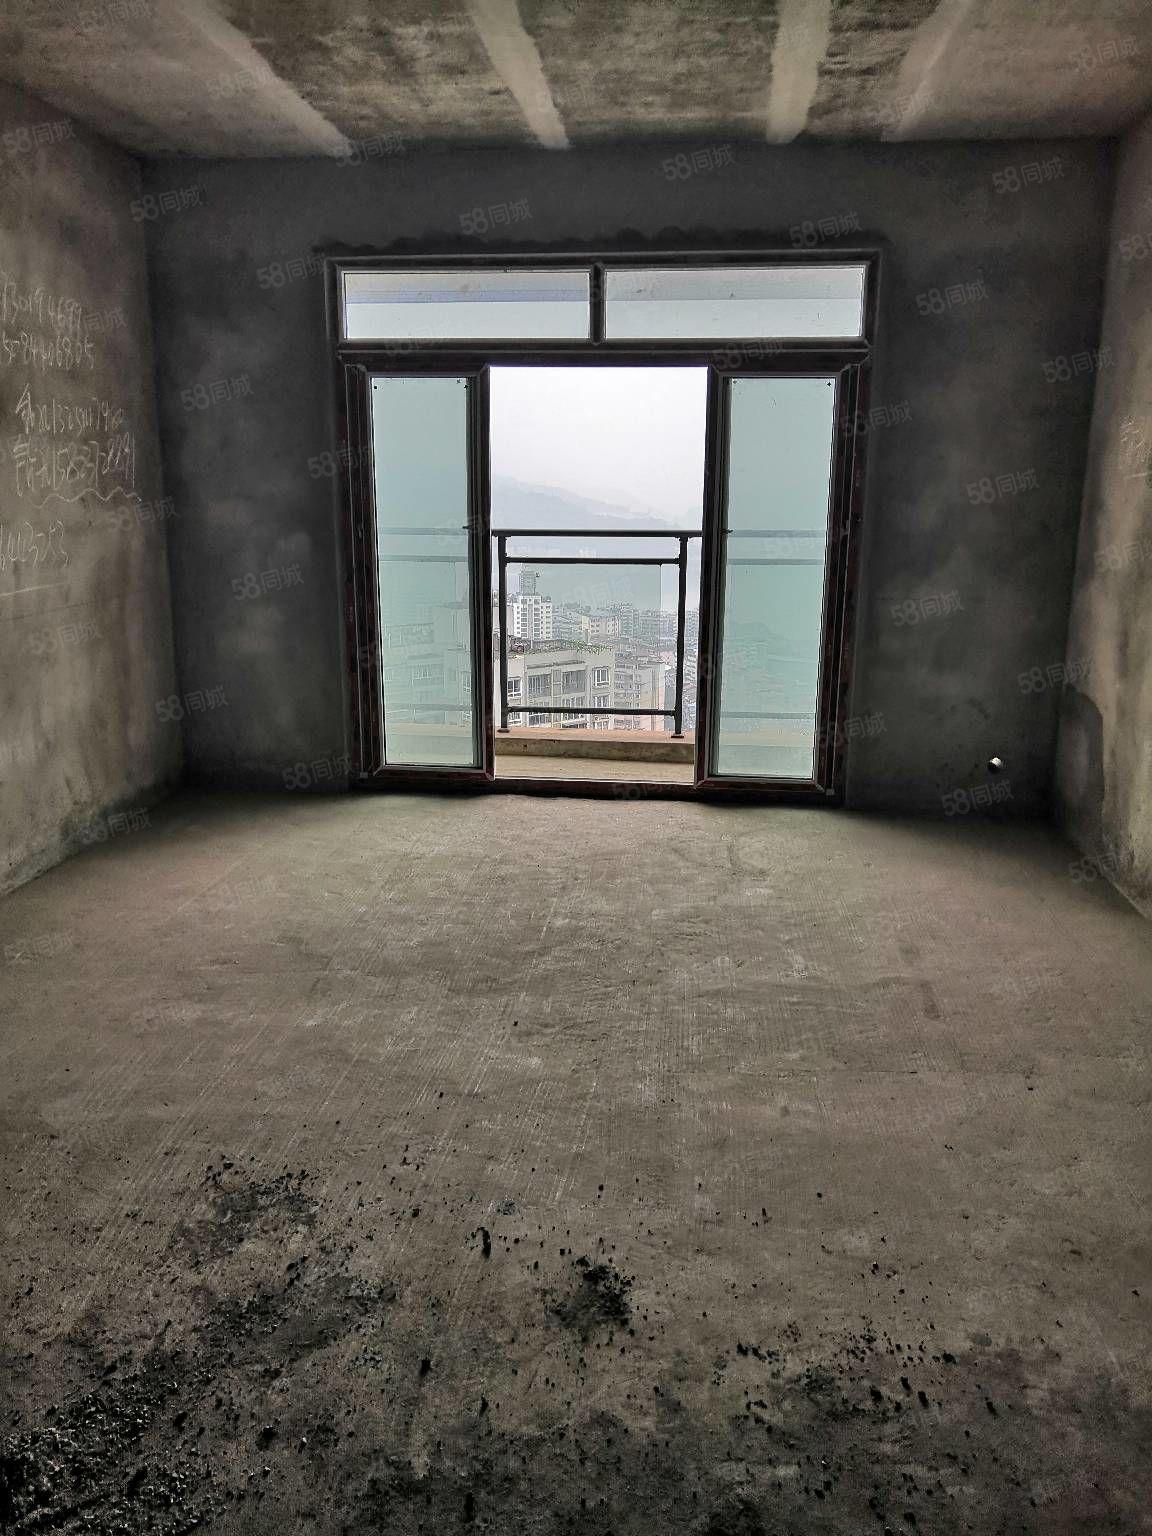 香山国际房屋急卖!!!三室两厅两卫一厨一阳台105平米